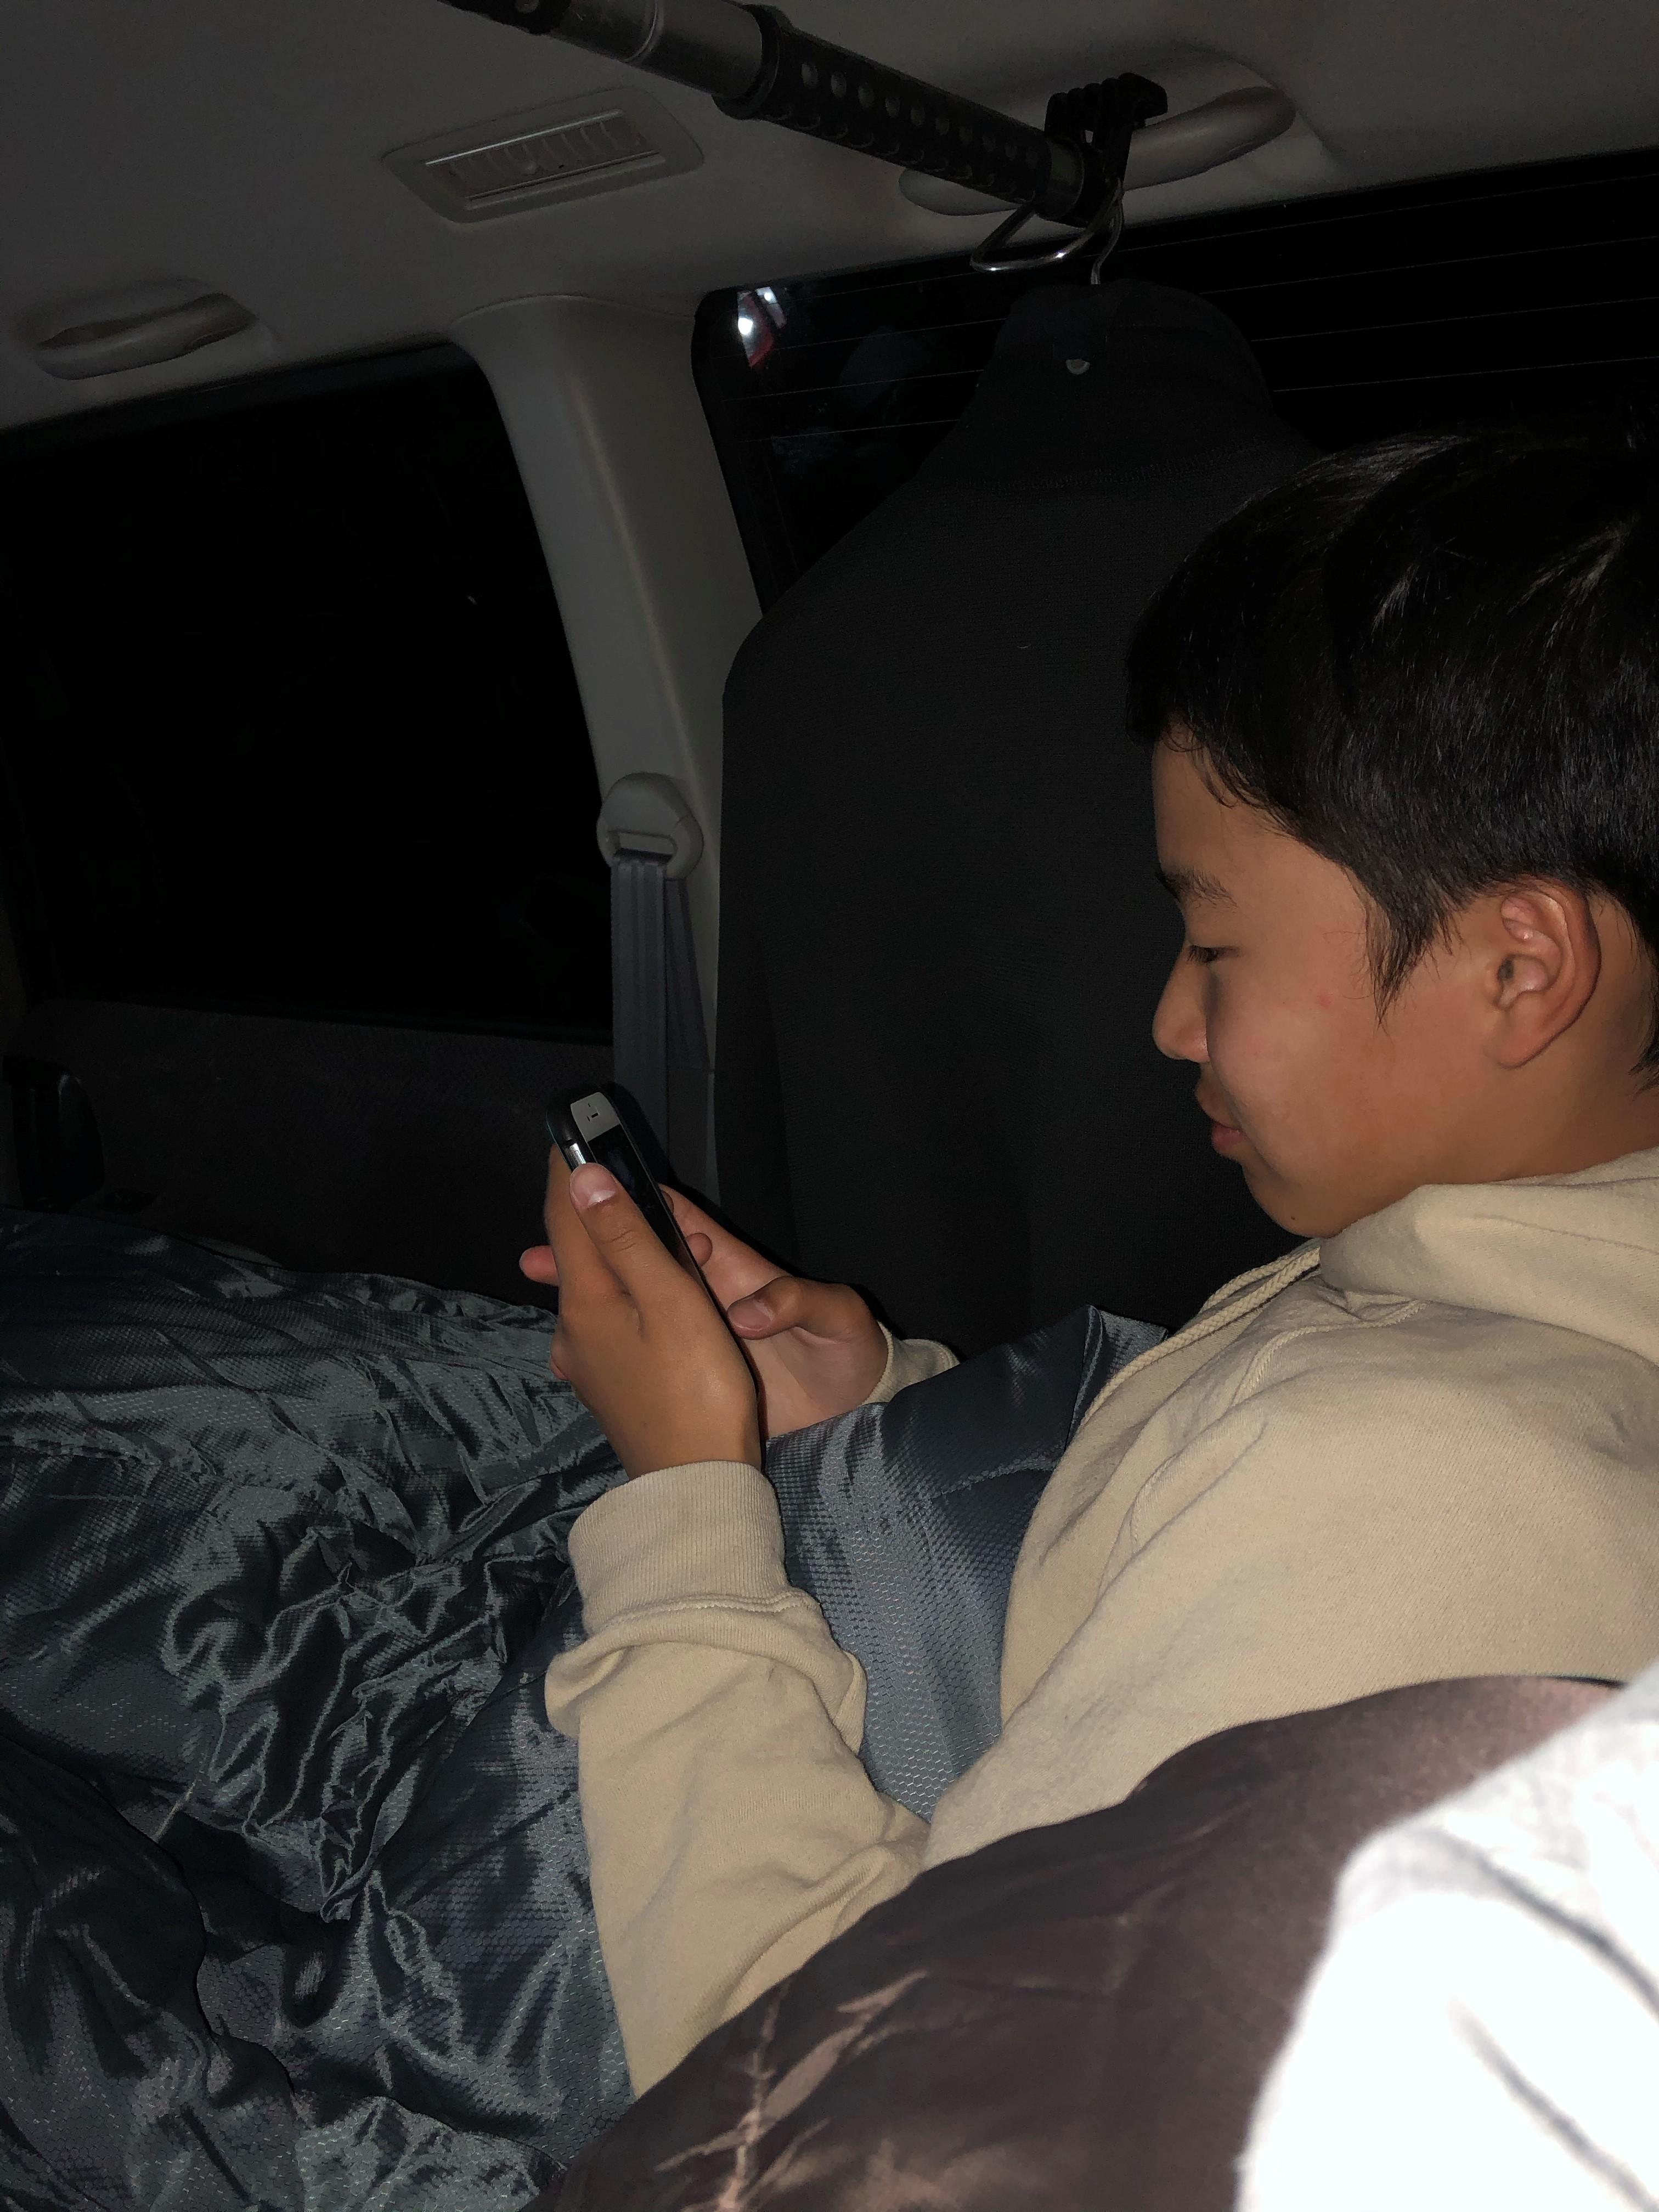 ゲームをしている息子さんの写真